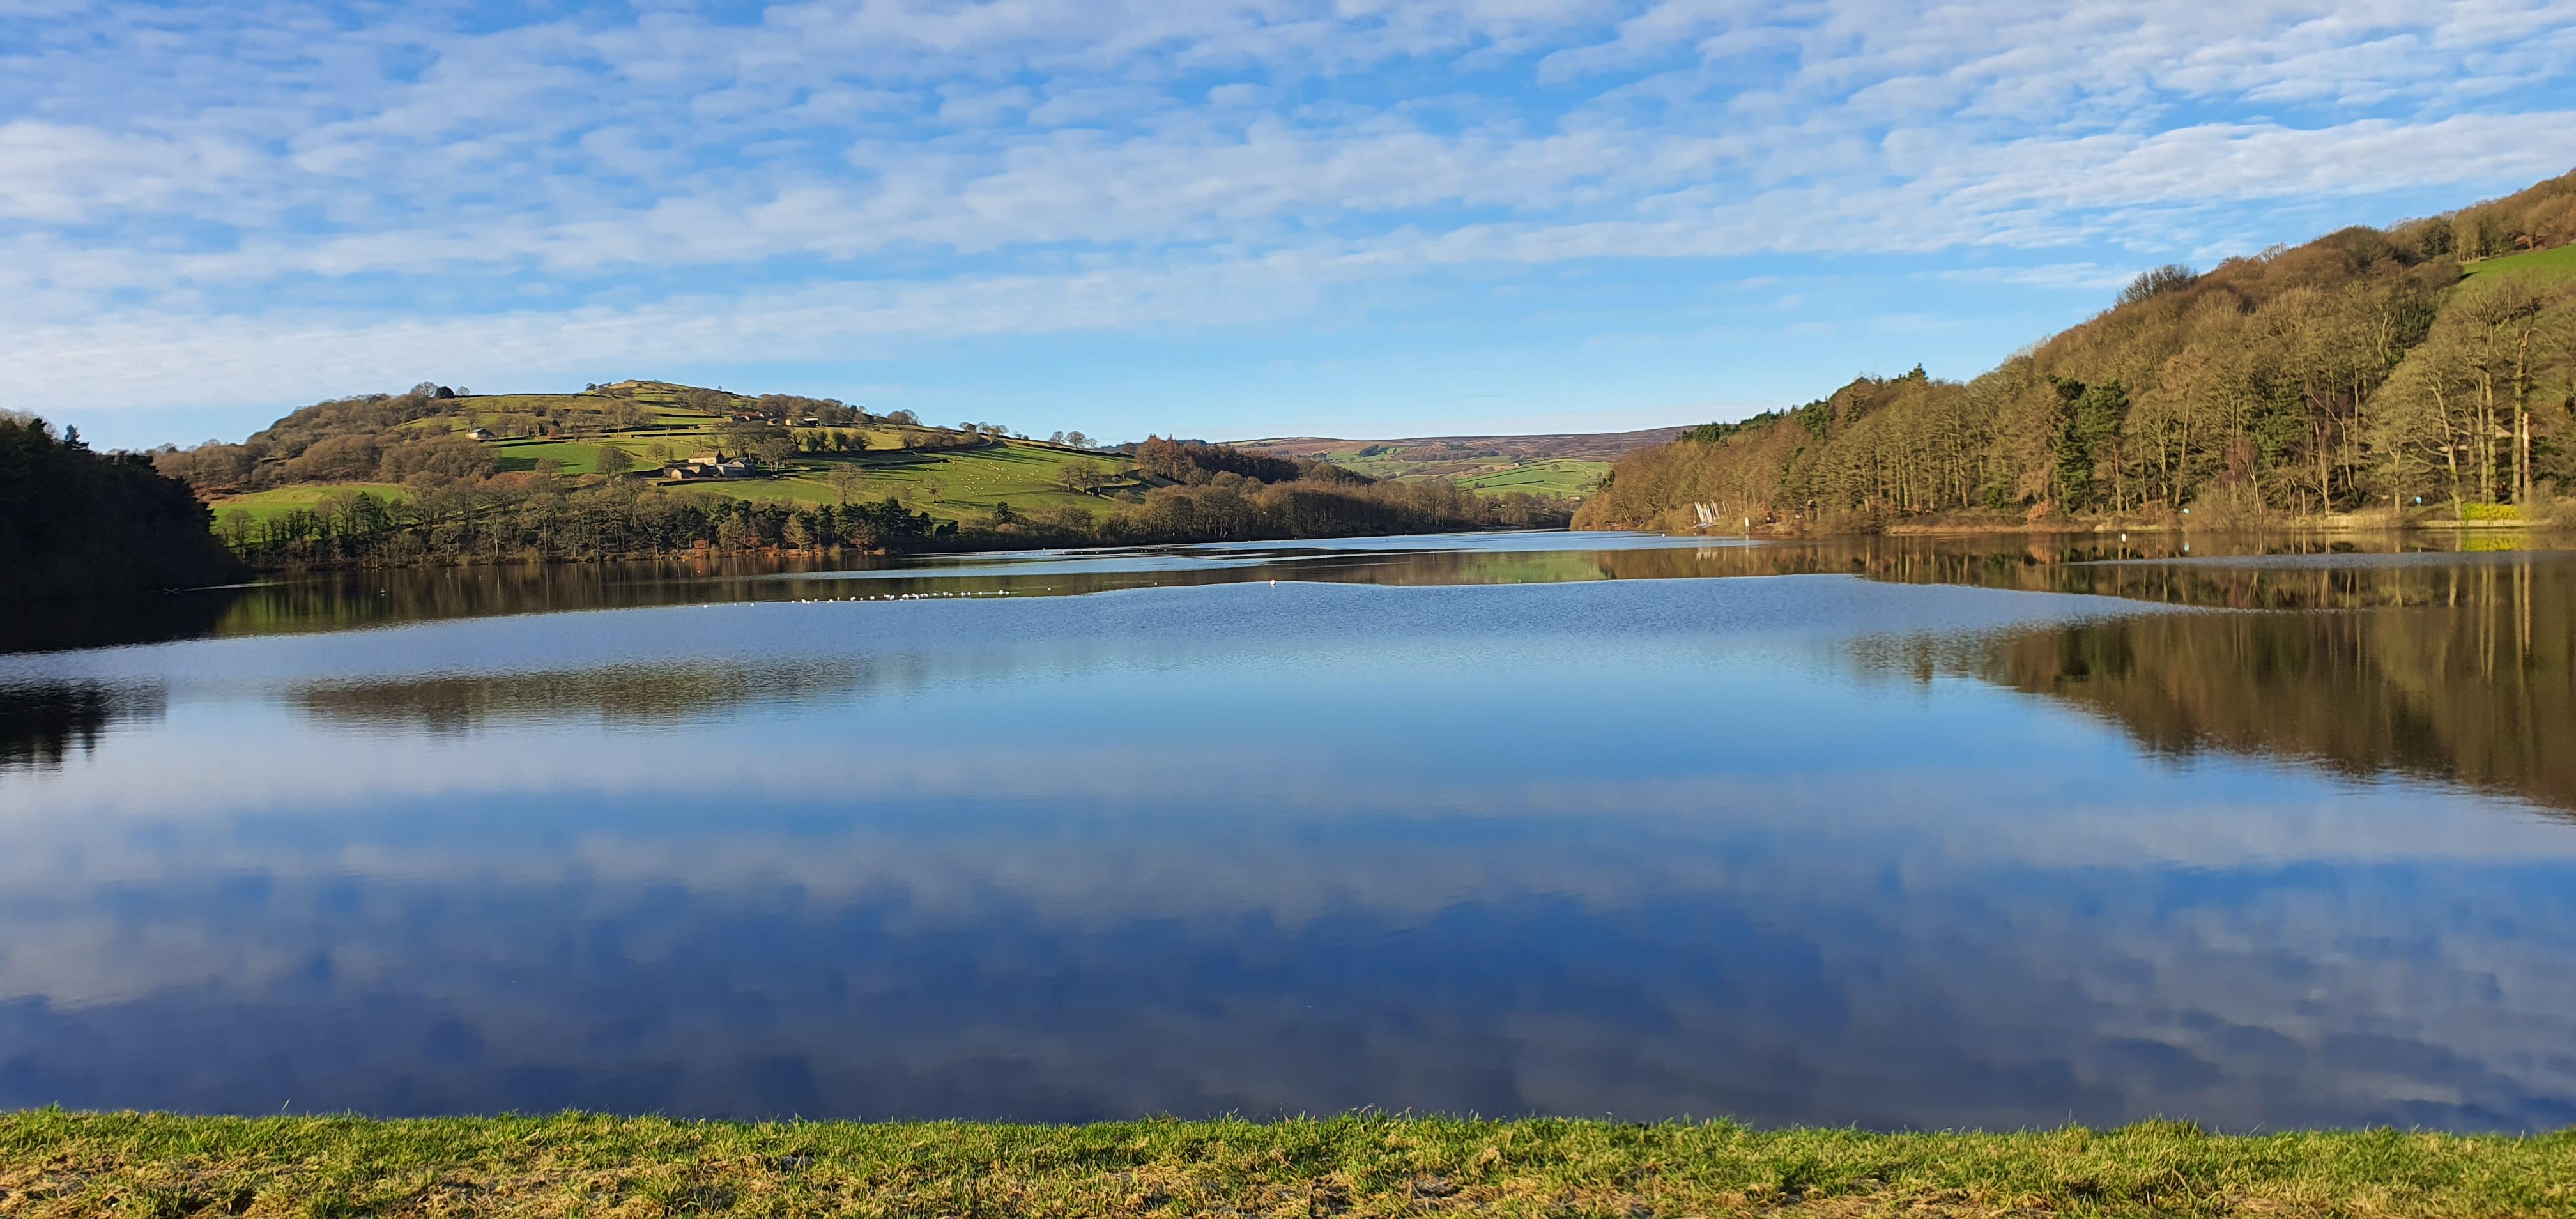 View of Damflask Reservoir